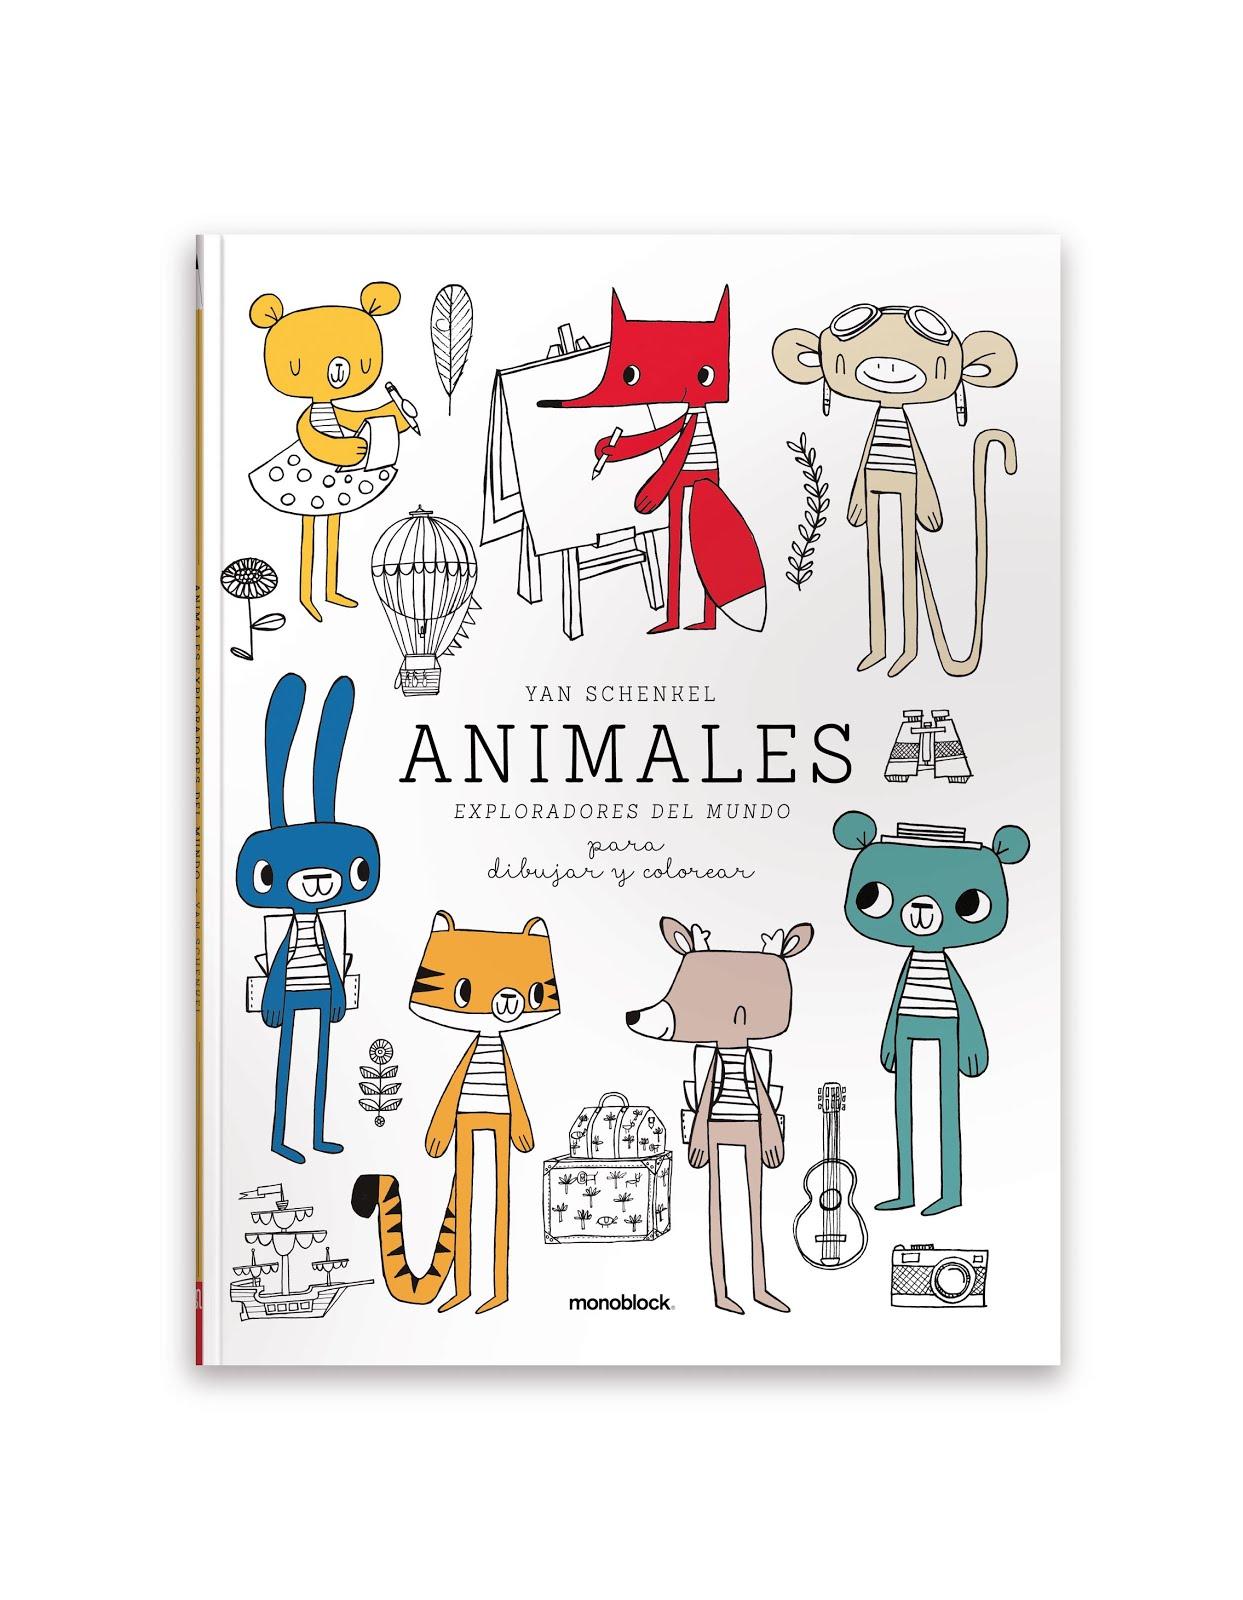 Animales exploradores del mundo